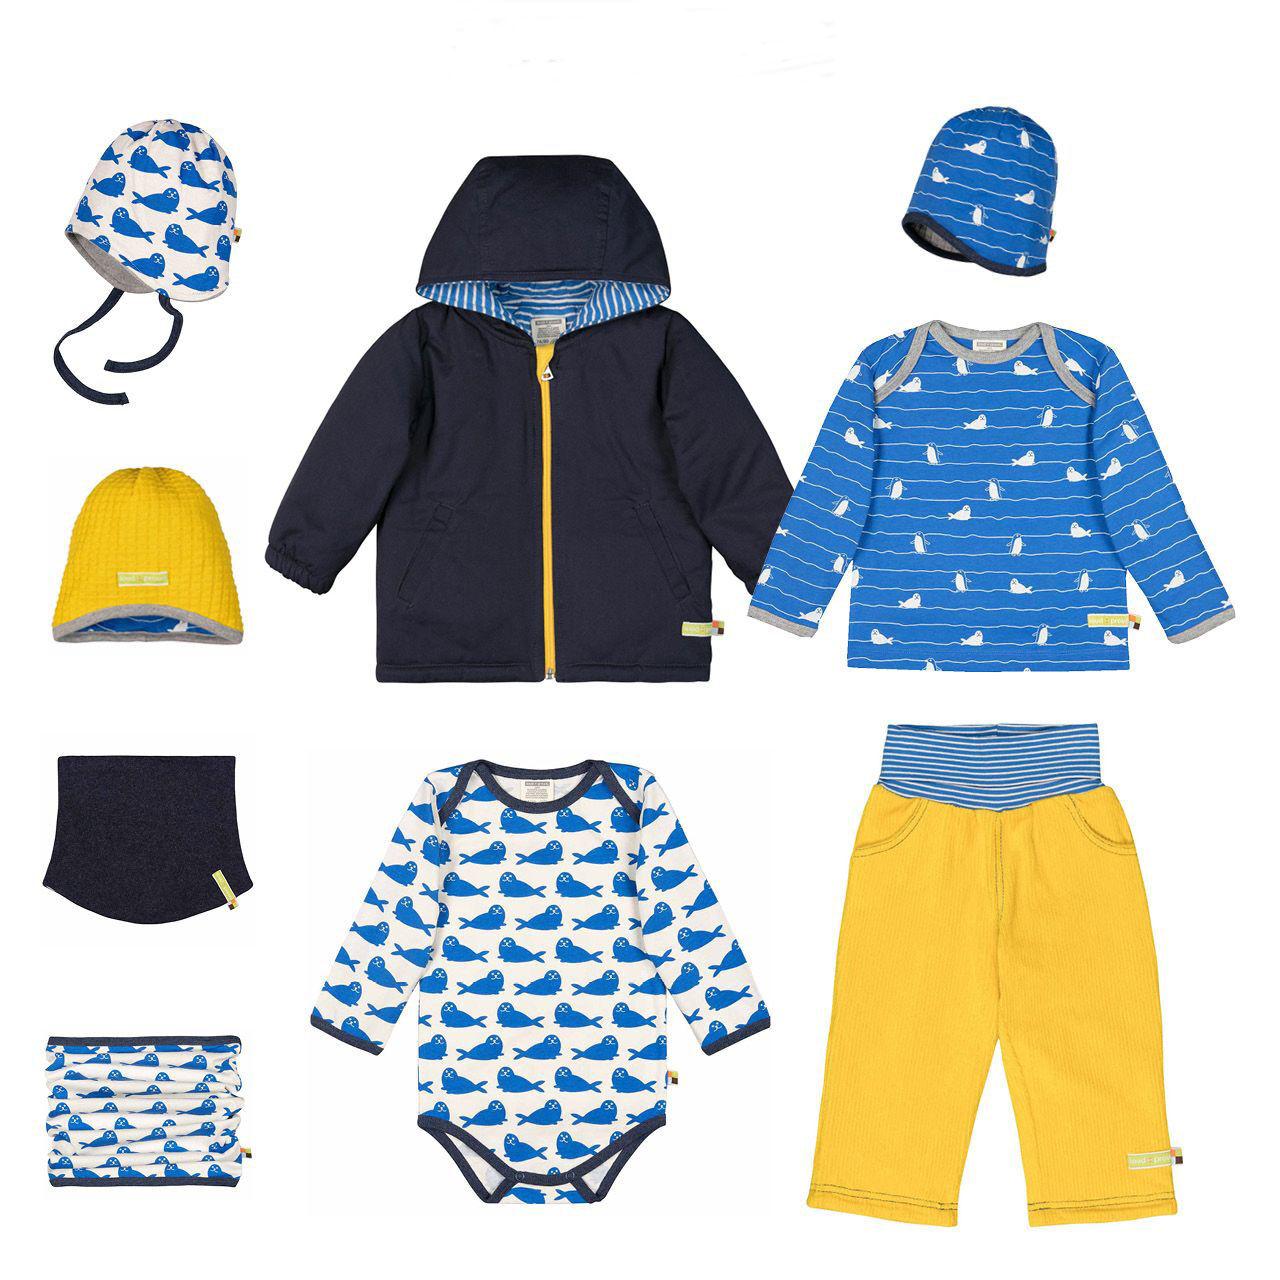 Téli gyerekruha kollekcióötlet kék-sárga összeállítás